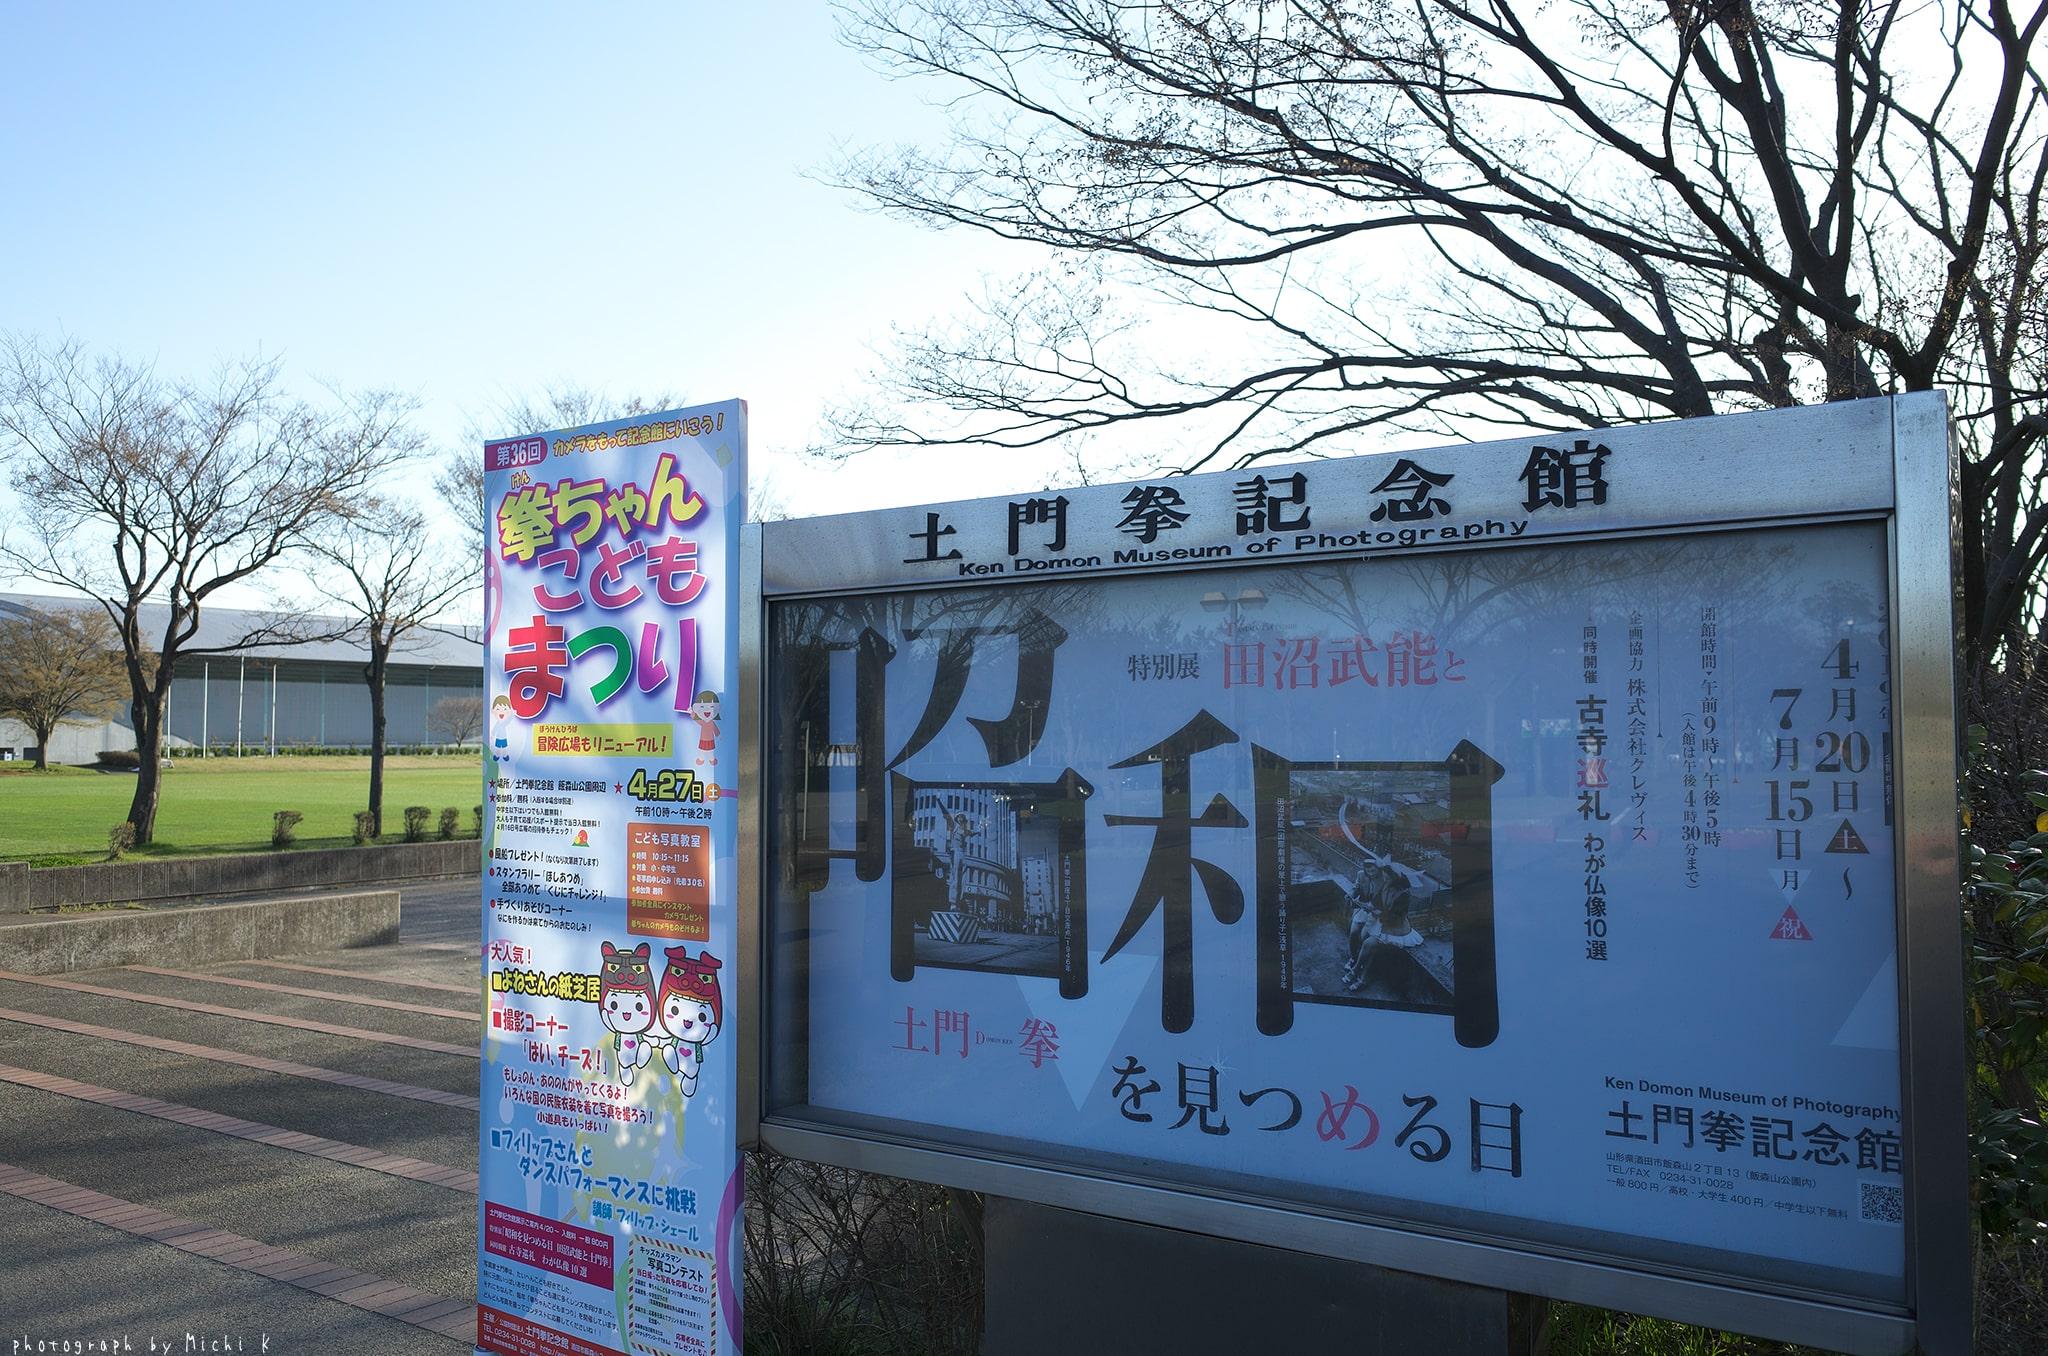 土門拳記念館2019-4-20 朝(写真その2)